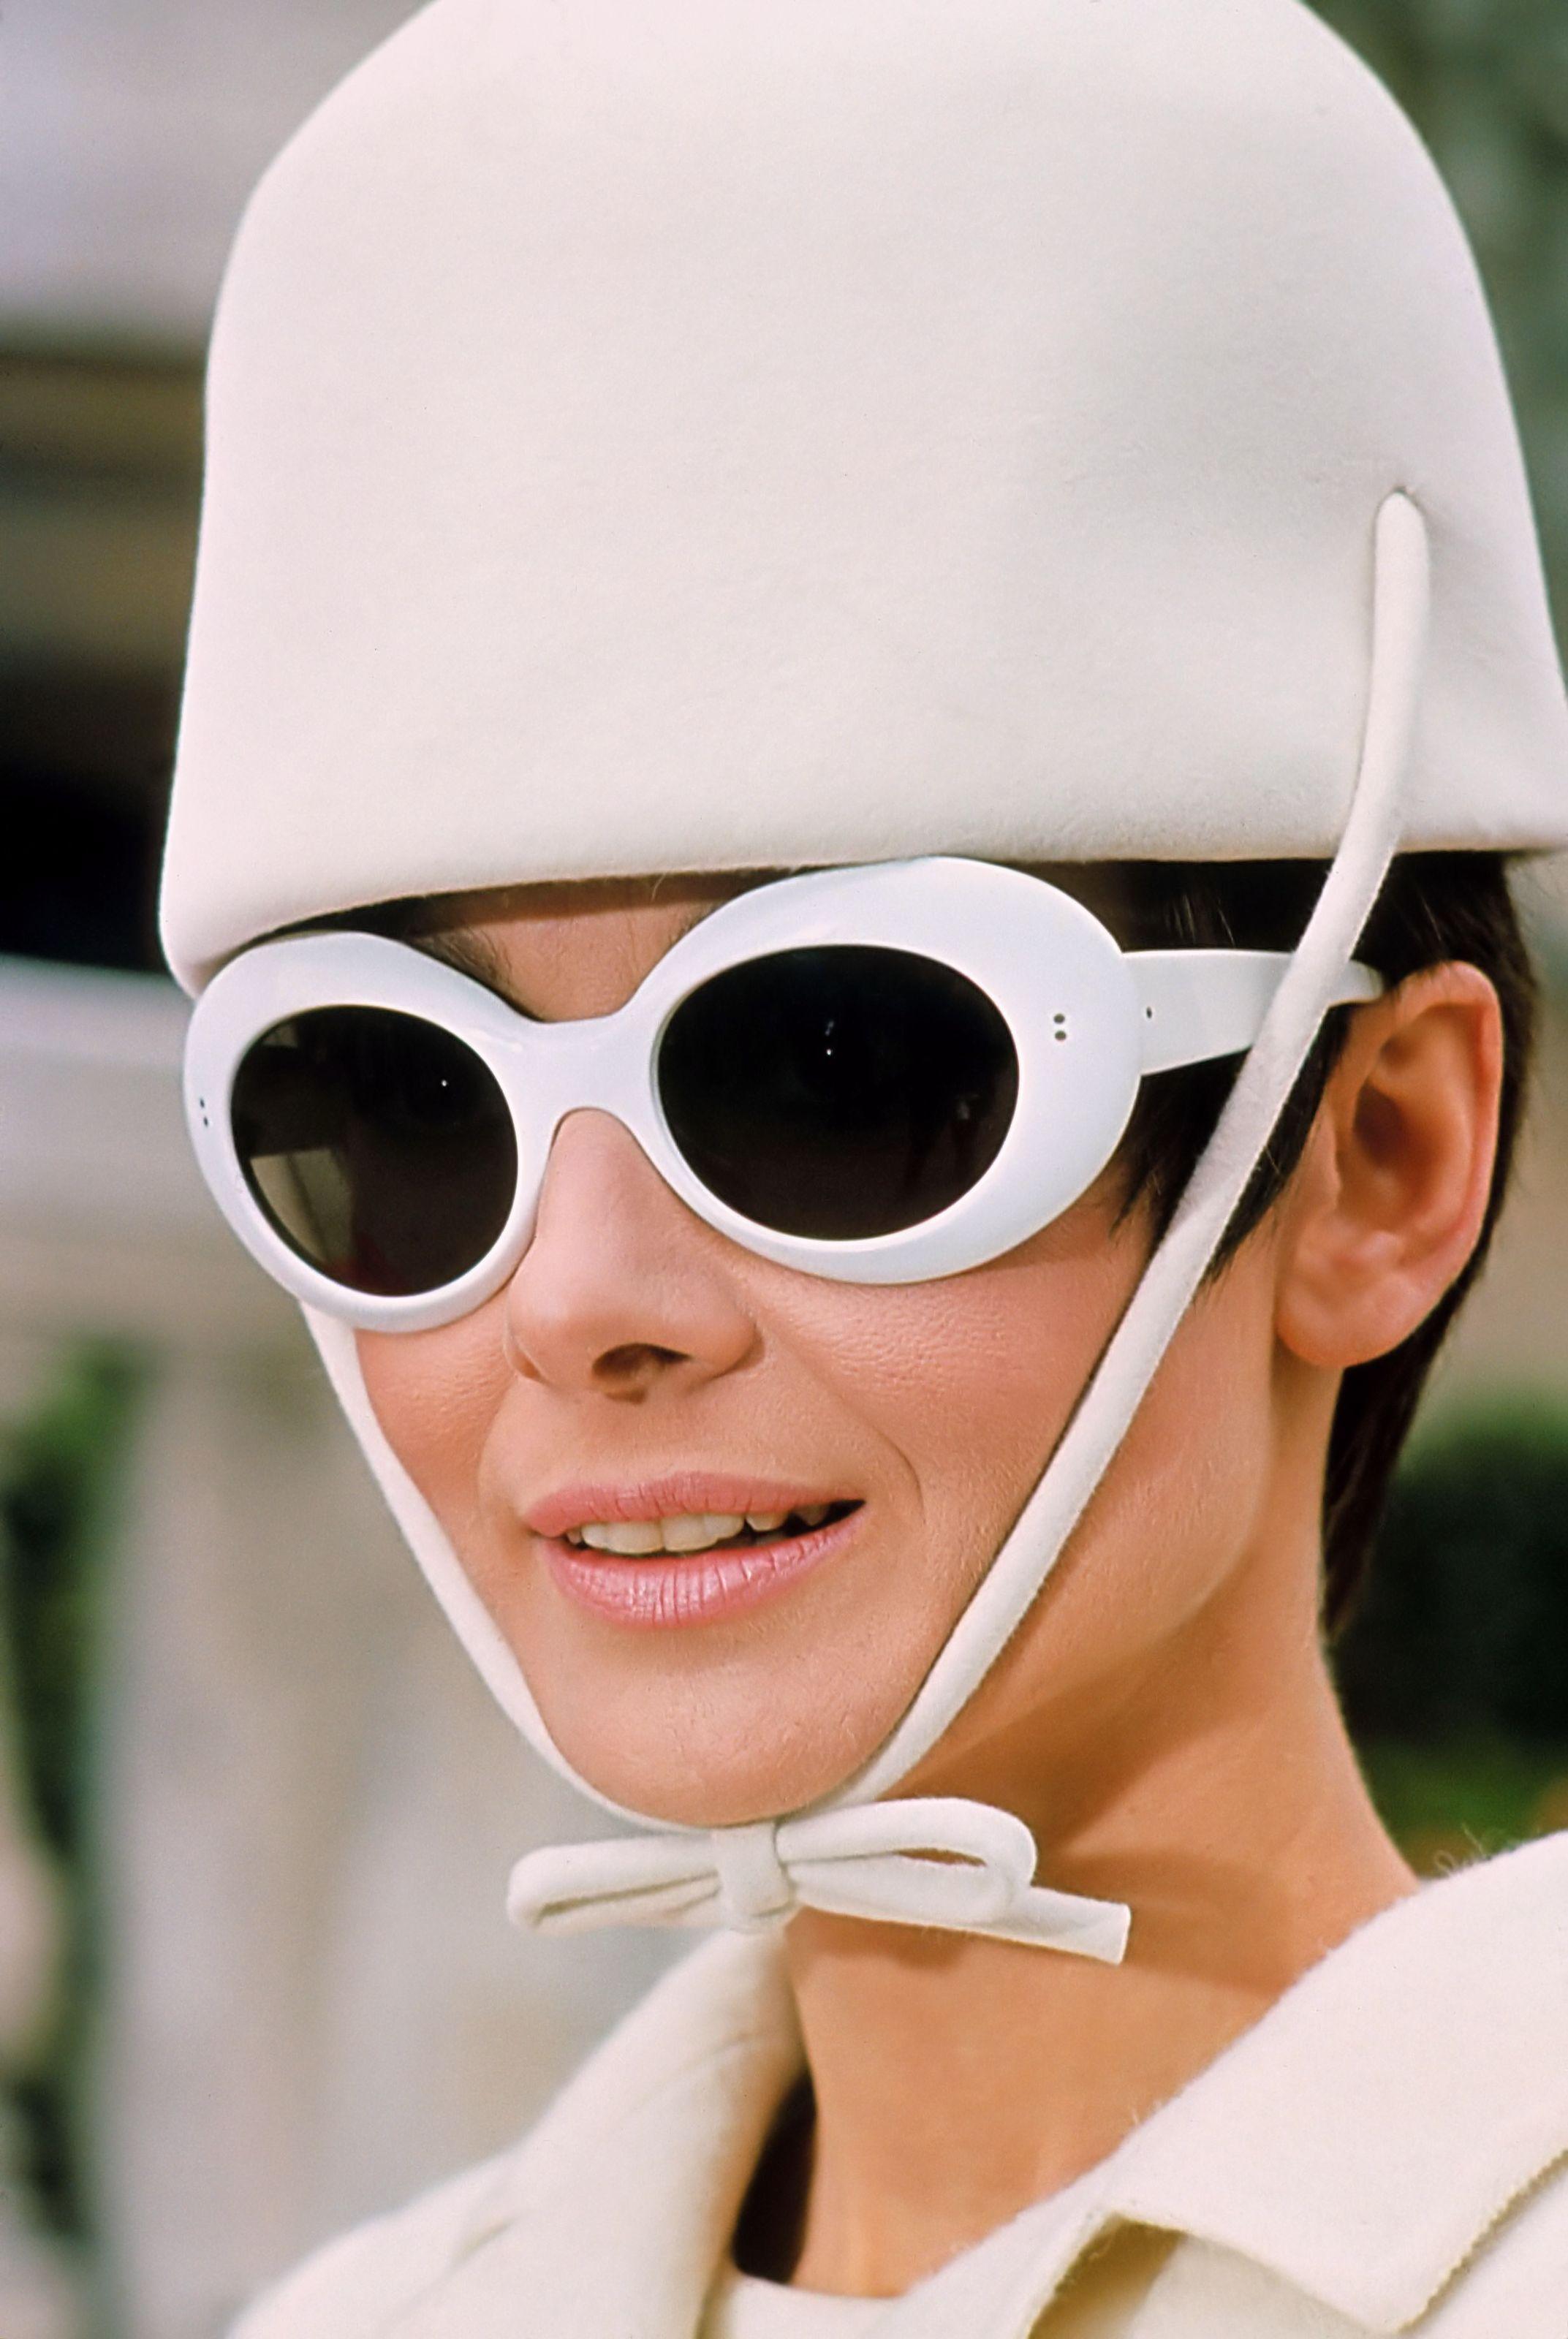 audrey hepburn đeo mắt kính gọng trắng